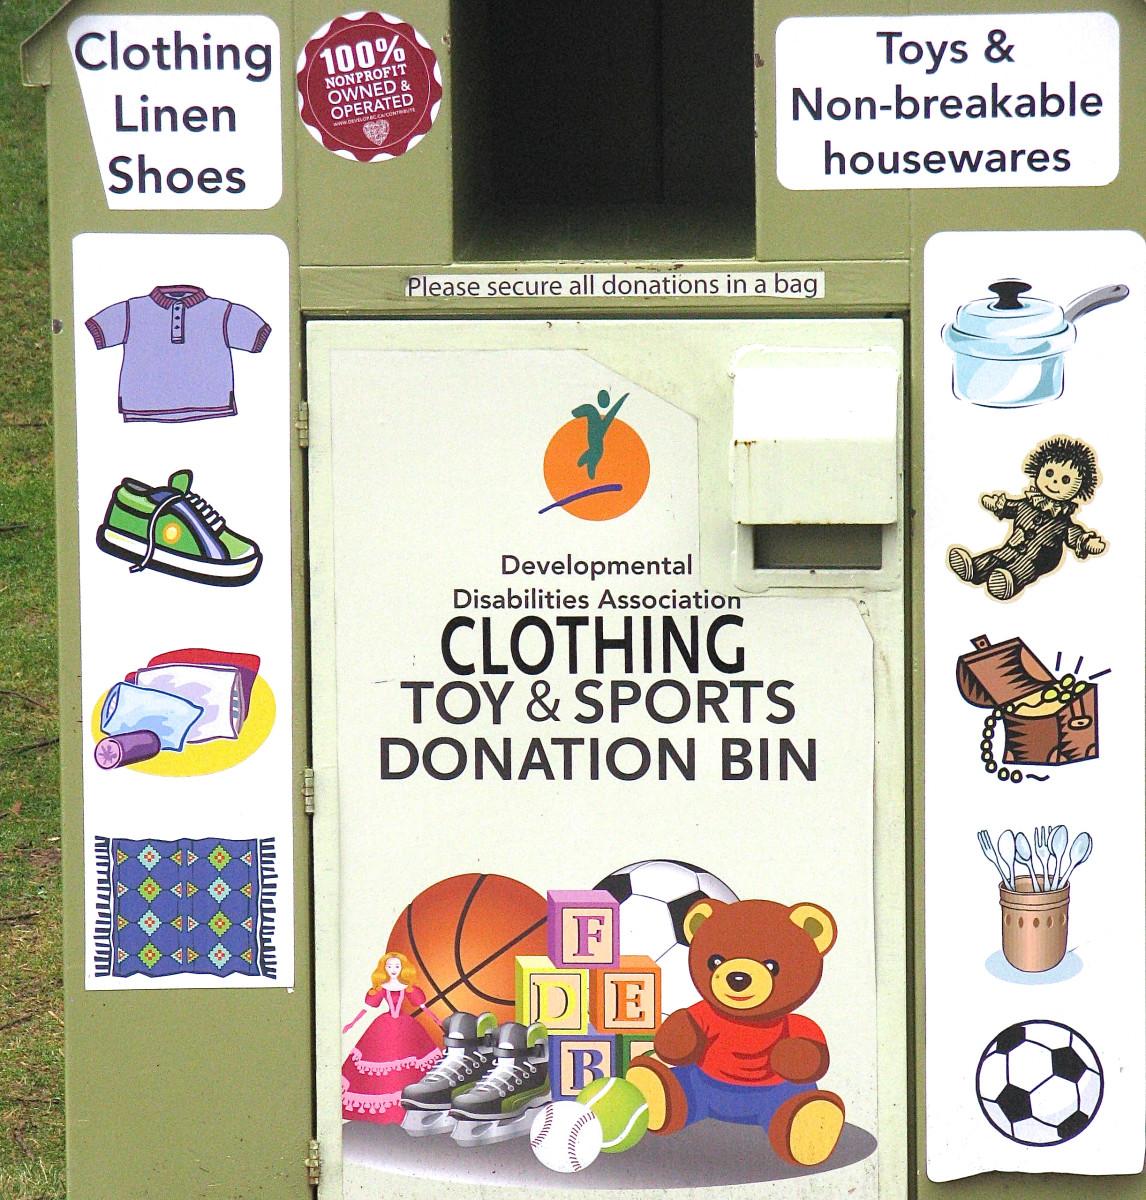 A charity donation bin near my home